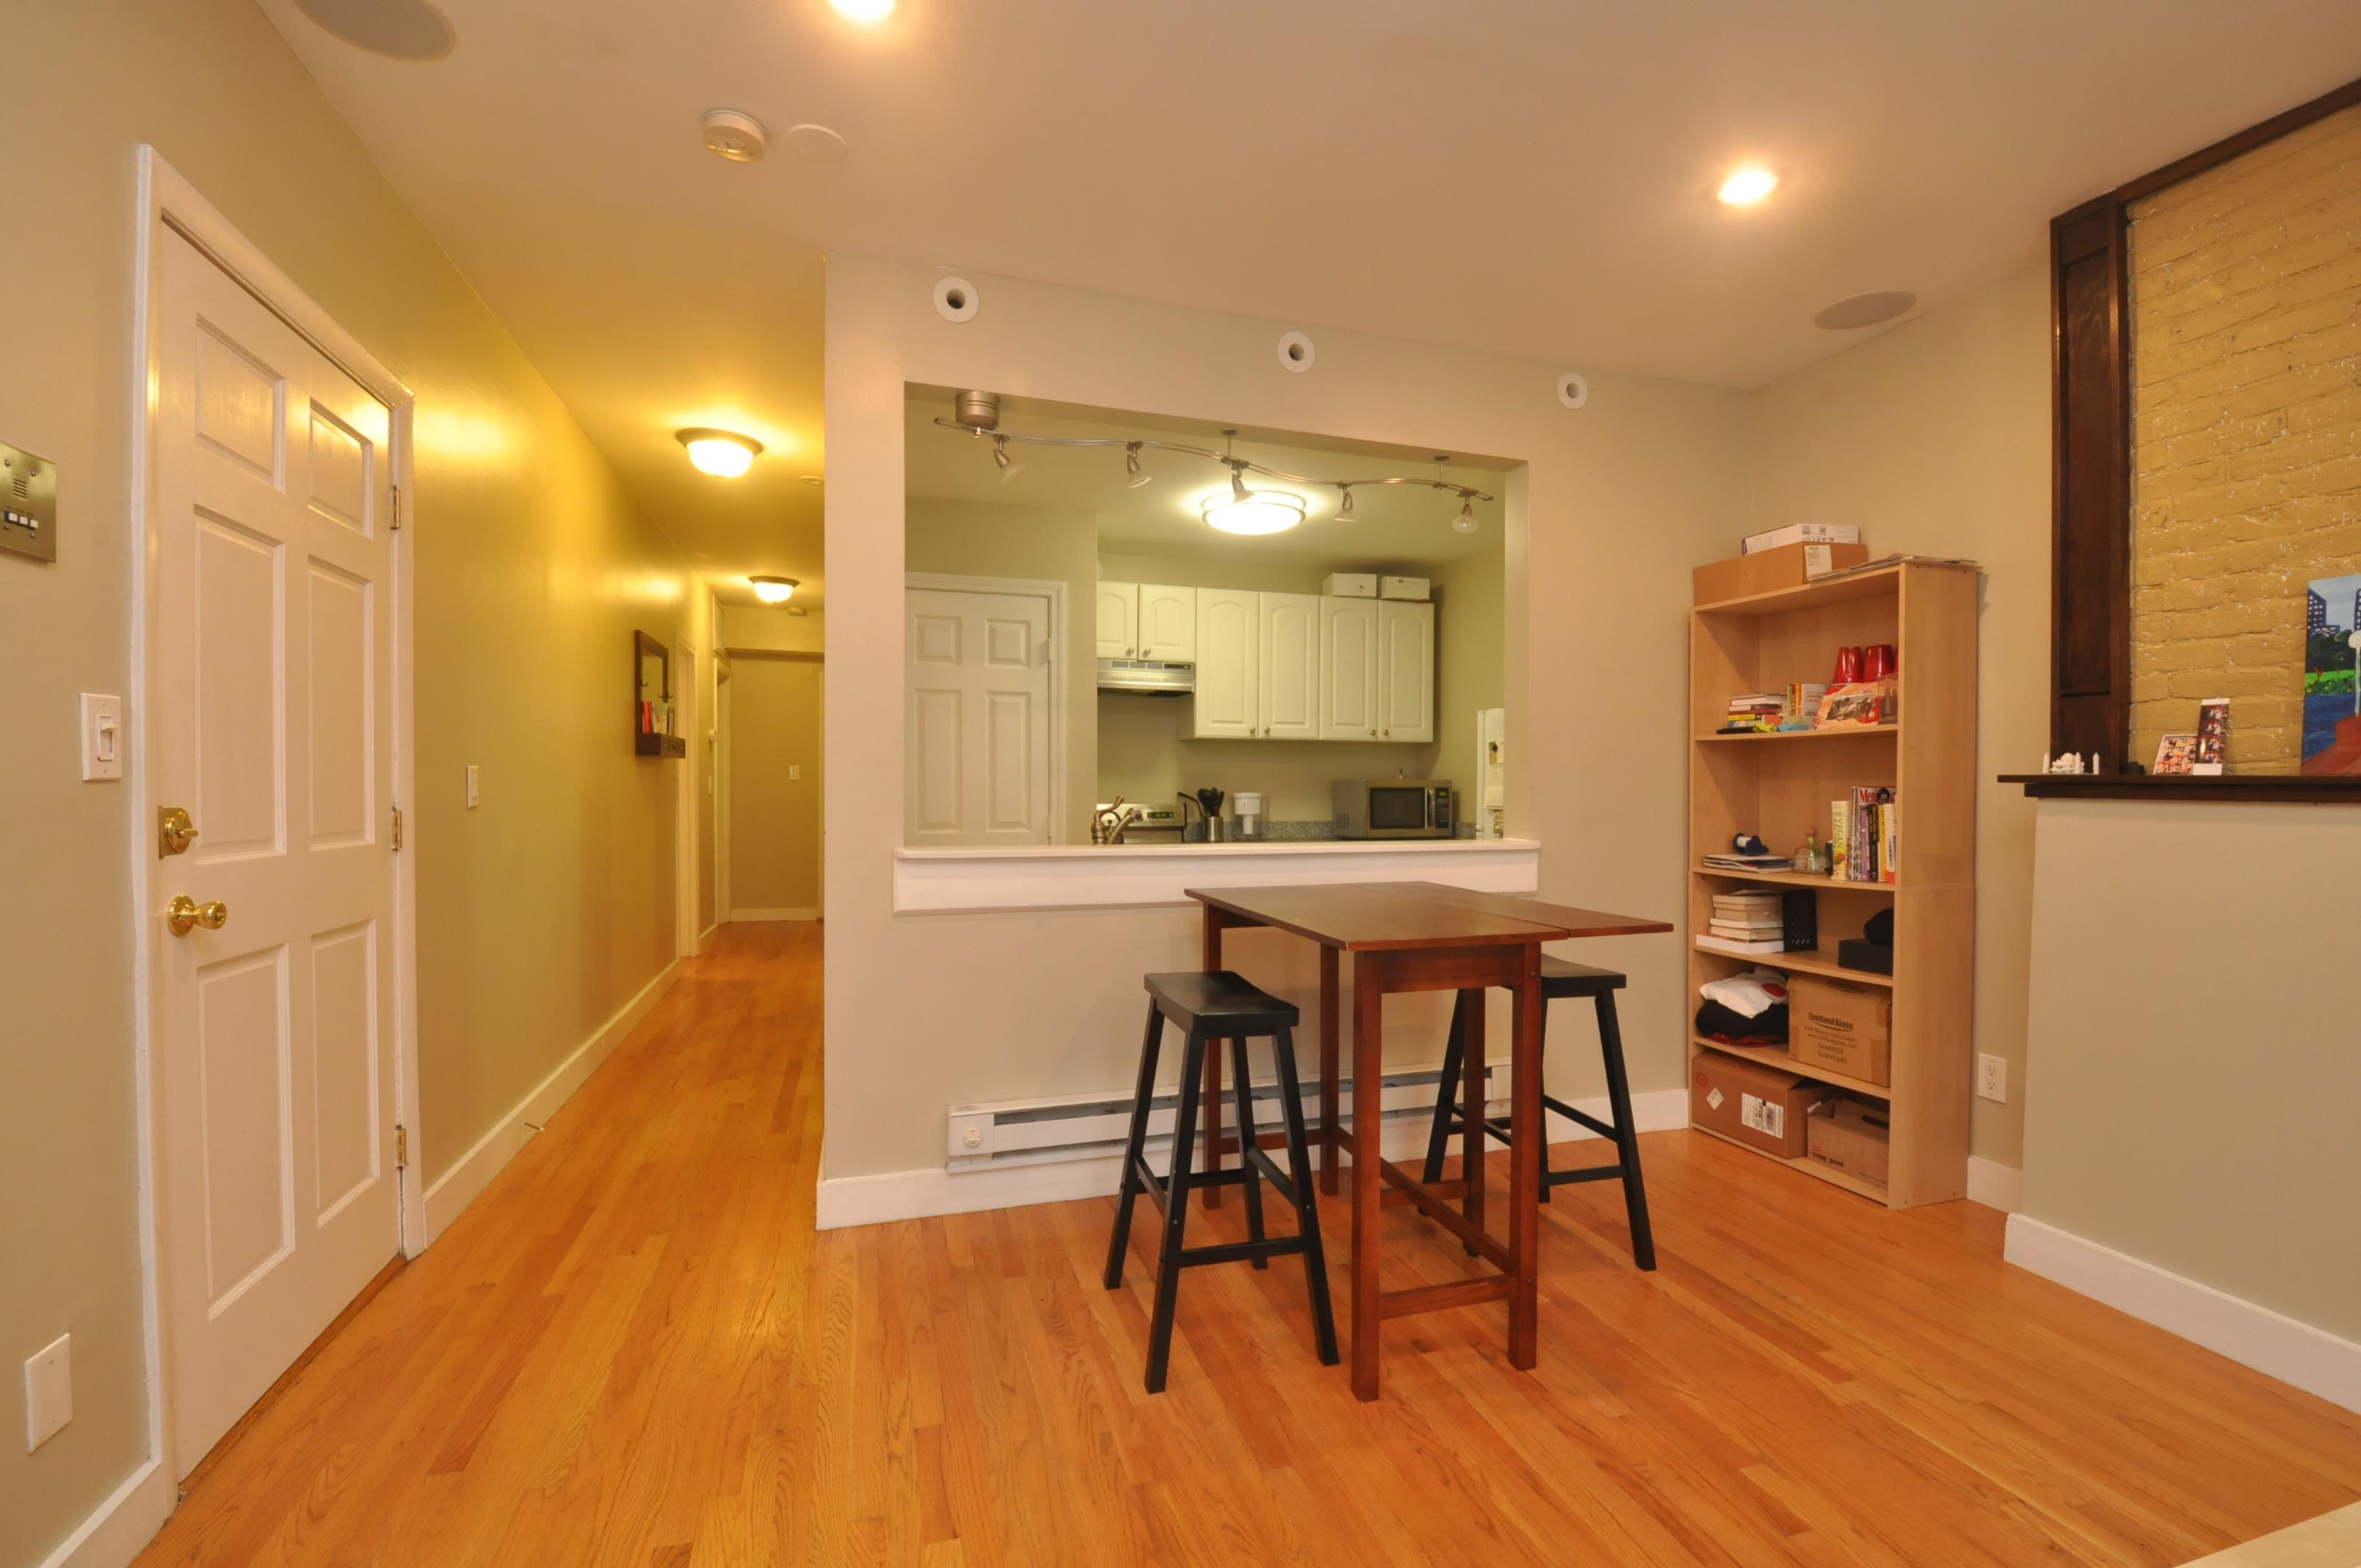 Nhà chung cư vì Bán tại Perfect for an owner-occupant or investor. 202 Northampton St. - Unit 2 South End, Boston, Massachusetts 02118 Hoa Kỳ